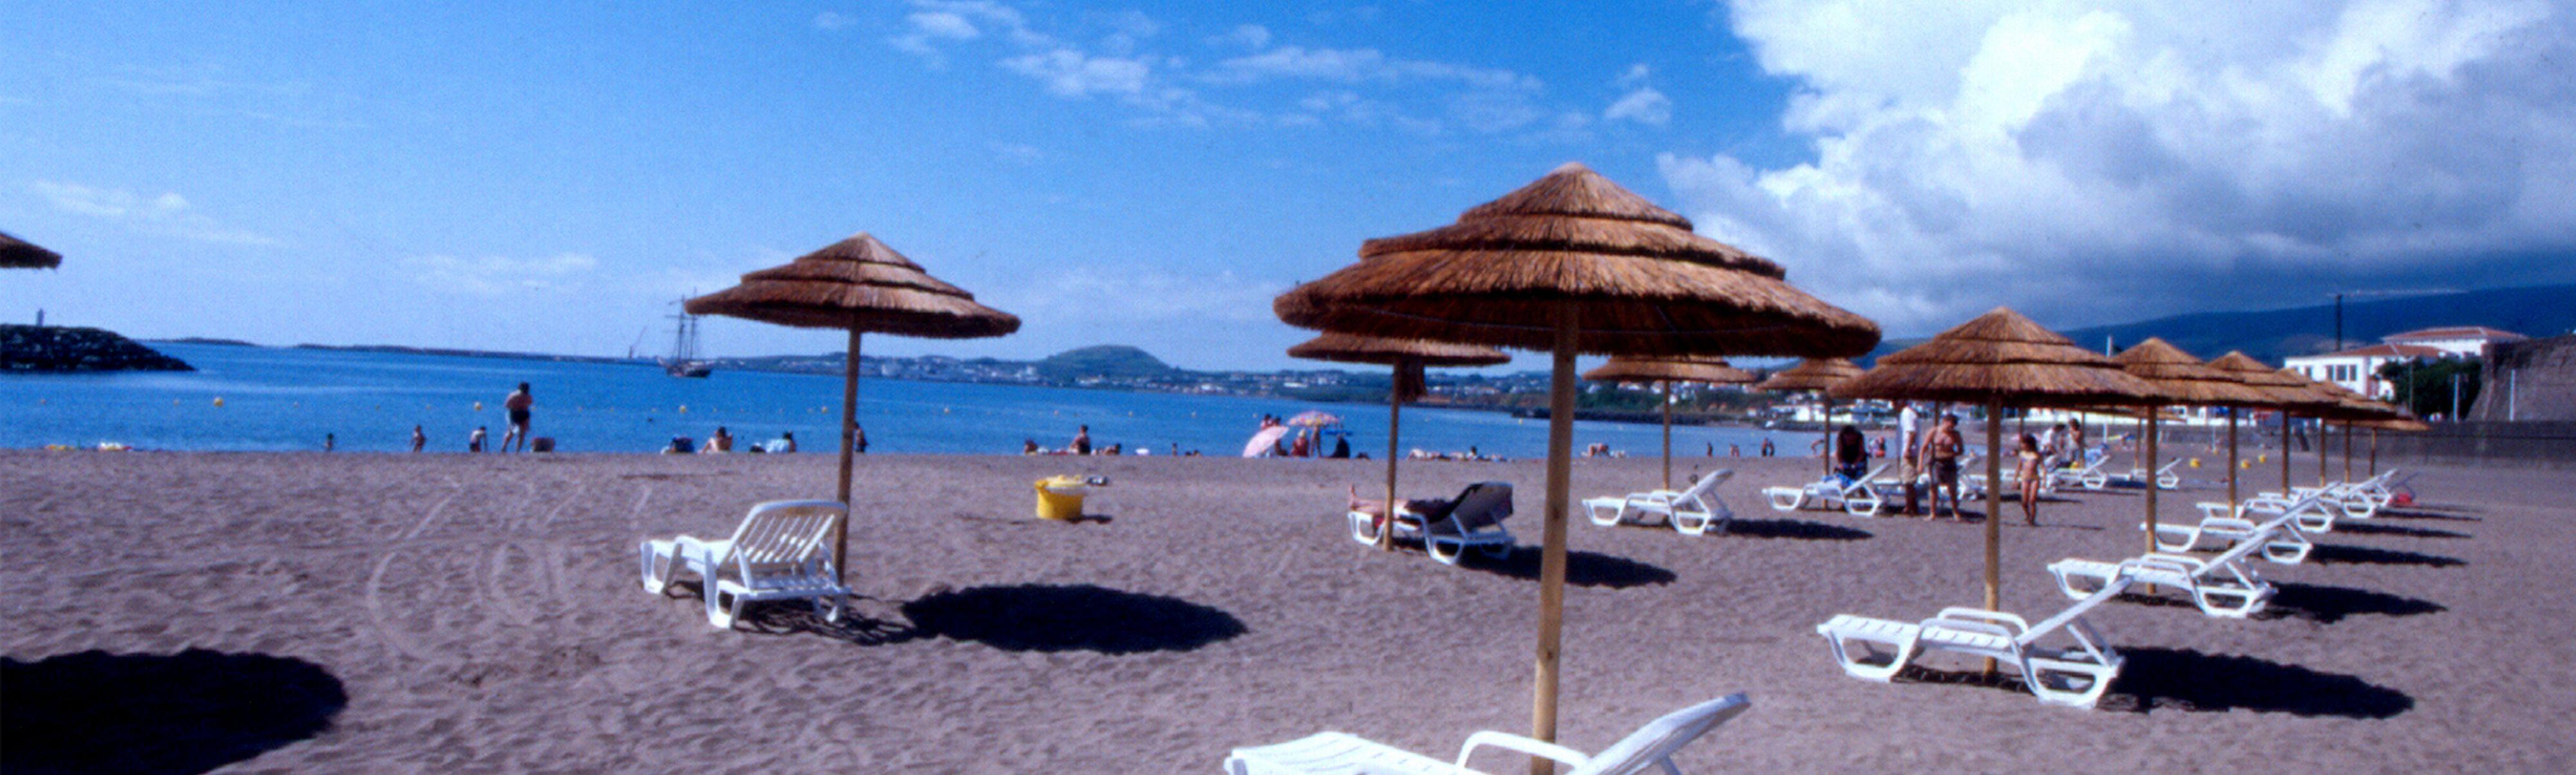 Azoren Urlaub Auf Der Insel Terceira Strande Natur Kultur